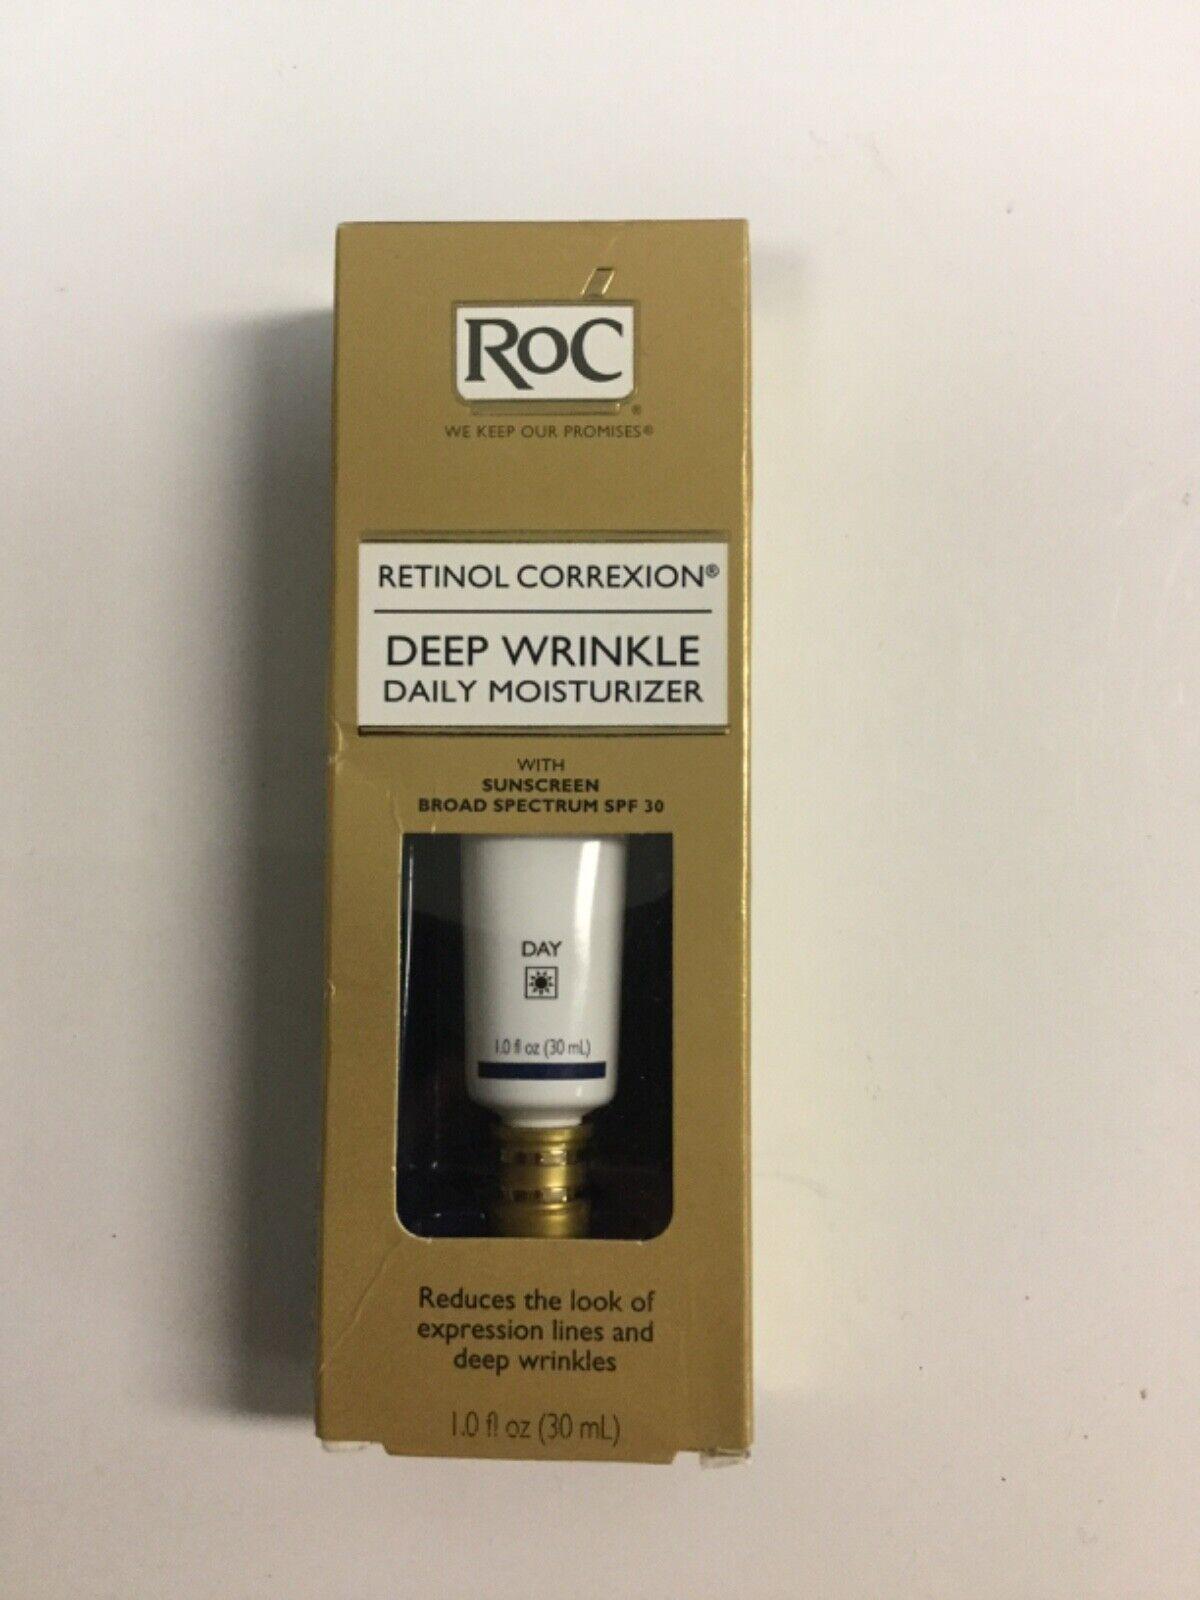 RoC Retinol Correxion Deep Wrinkle Daily Moisturizer With SP